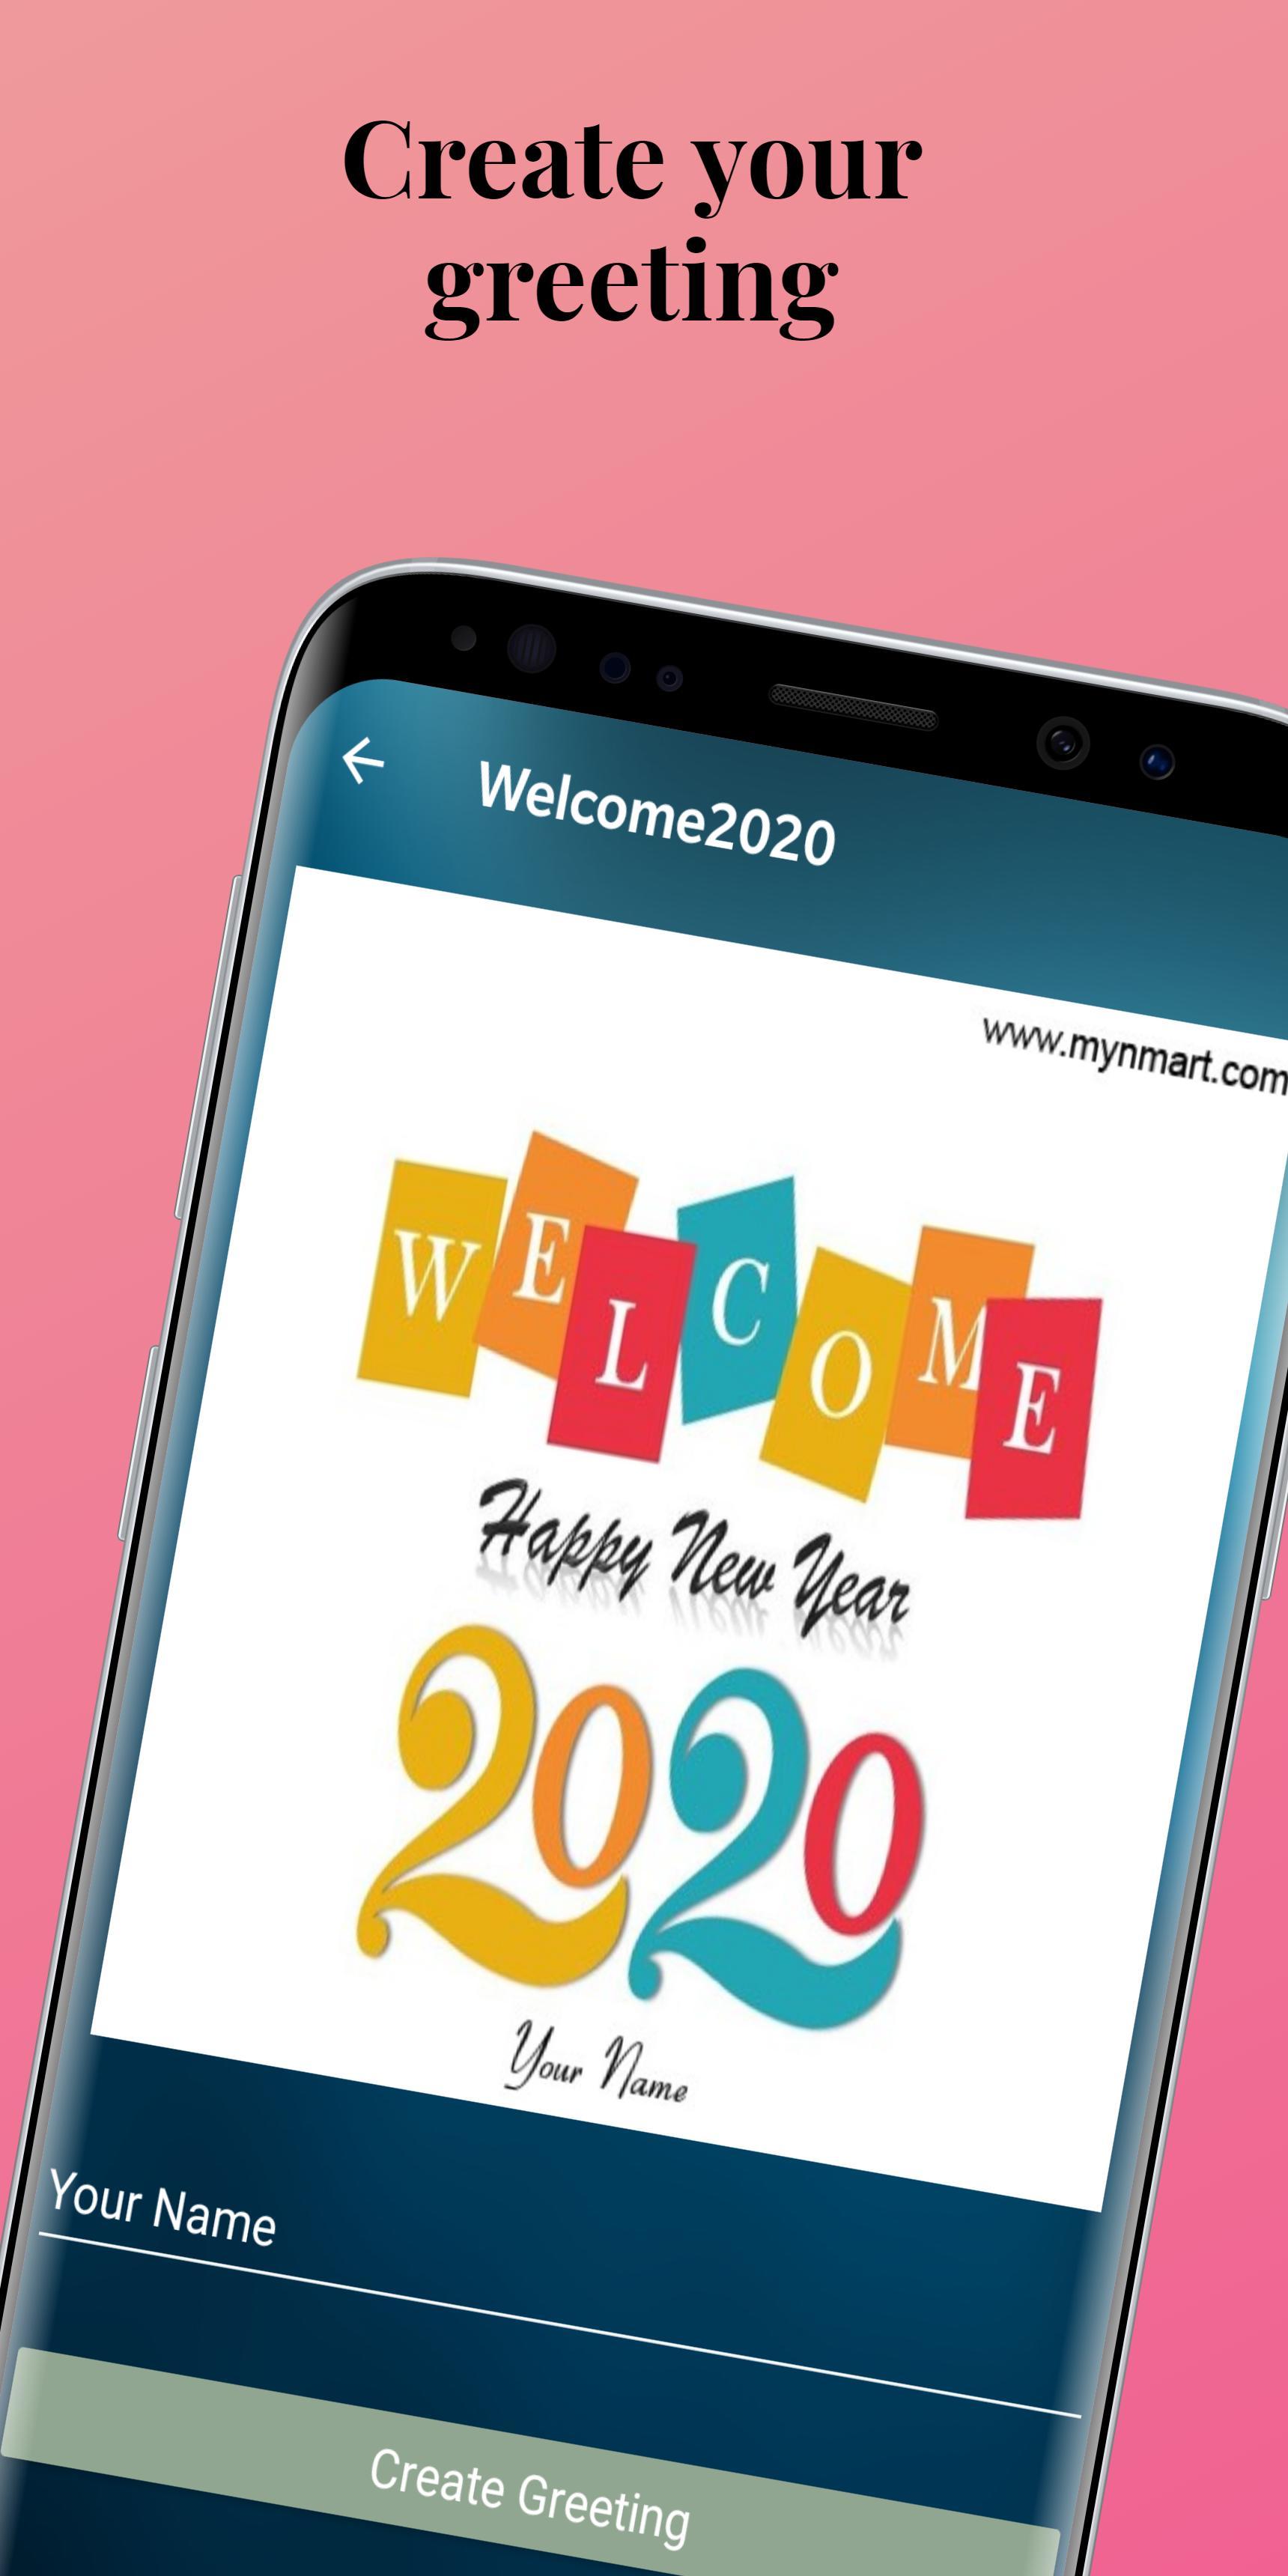 Mynmart Birthday Anniversary Greeting Wish poster